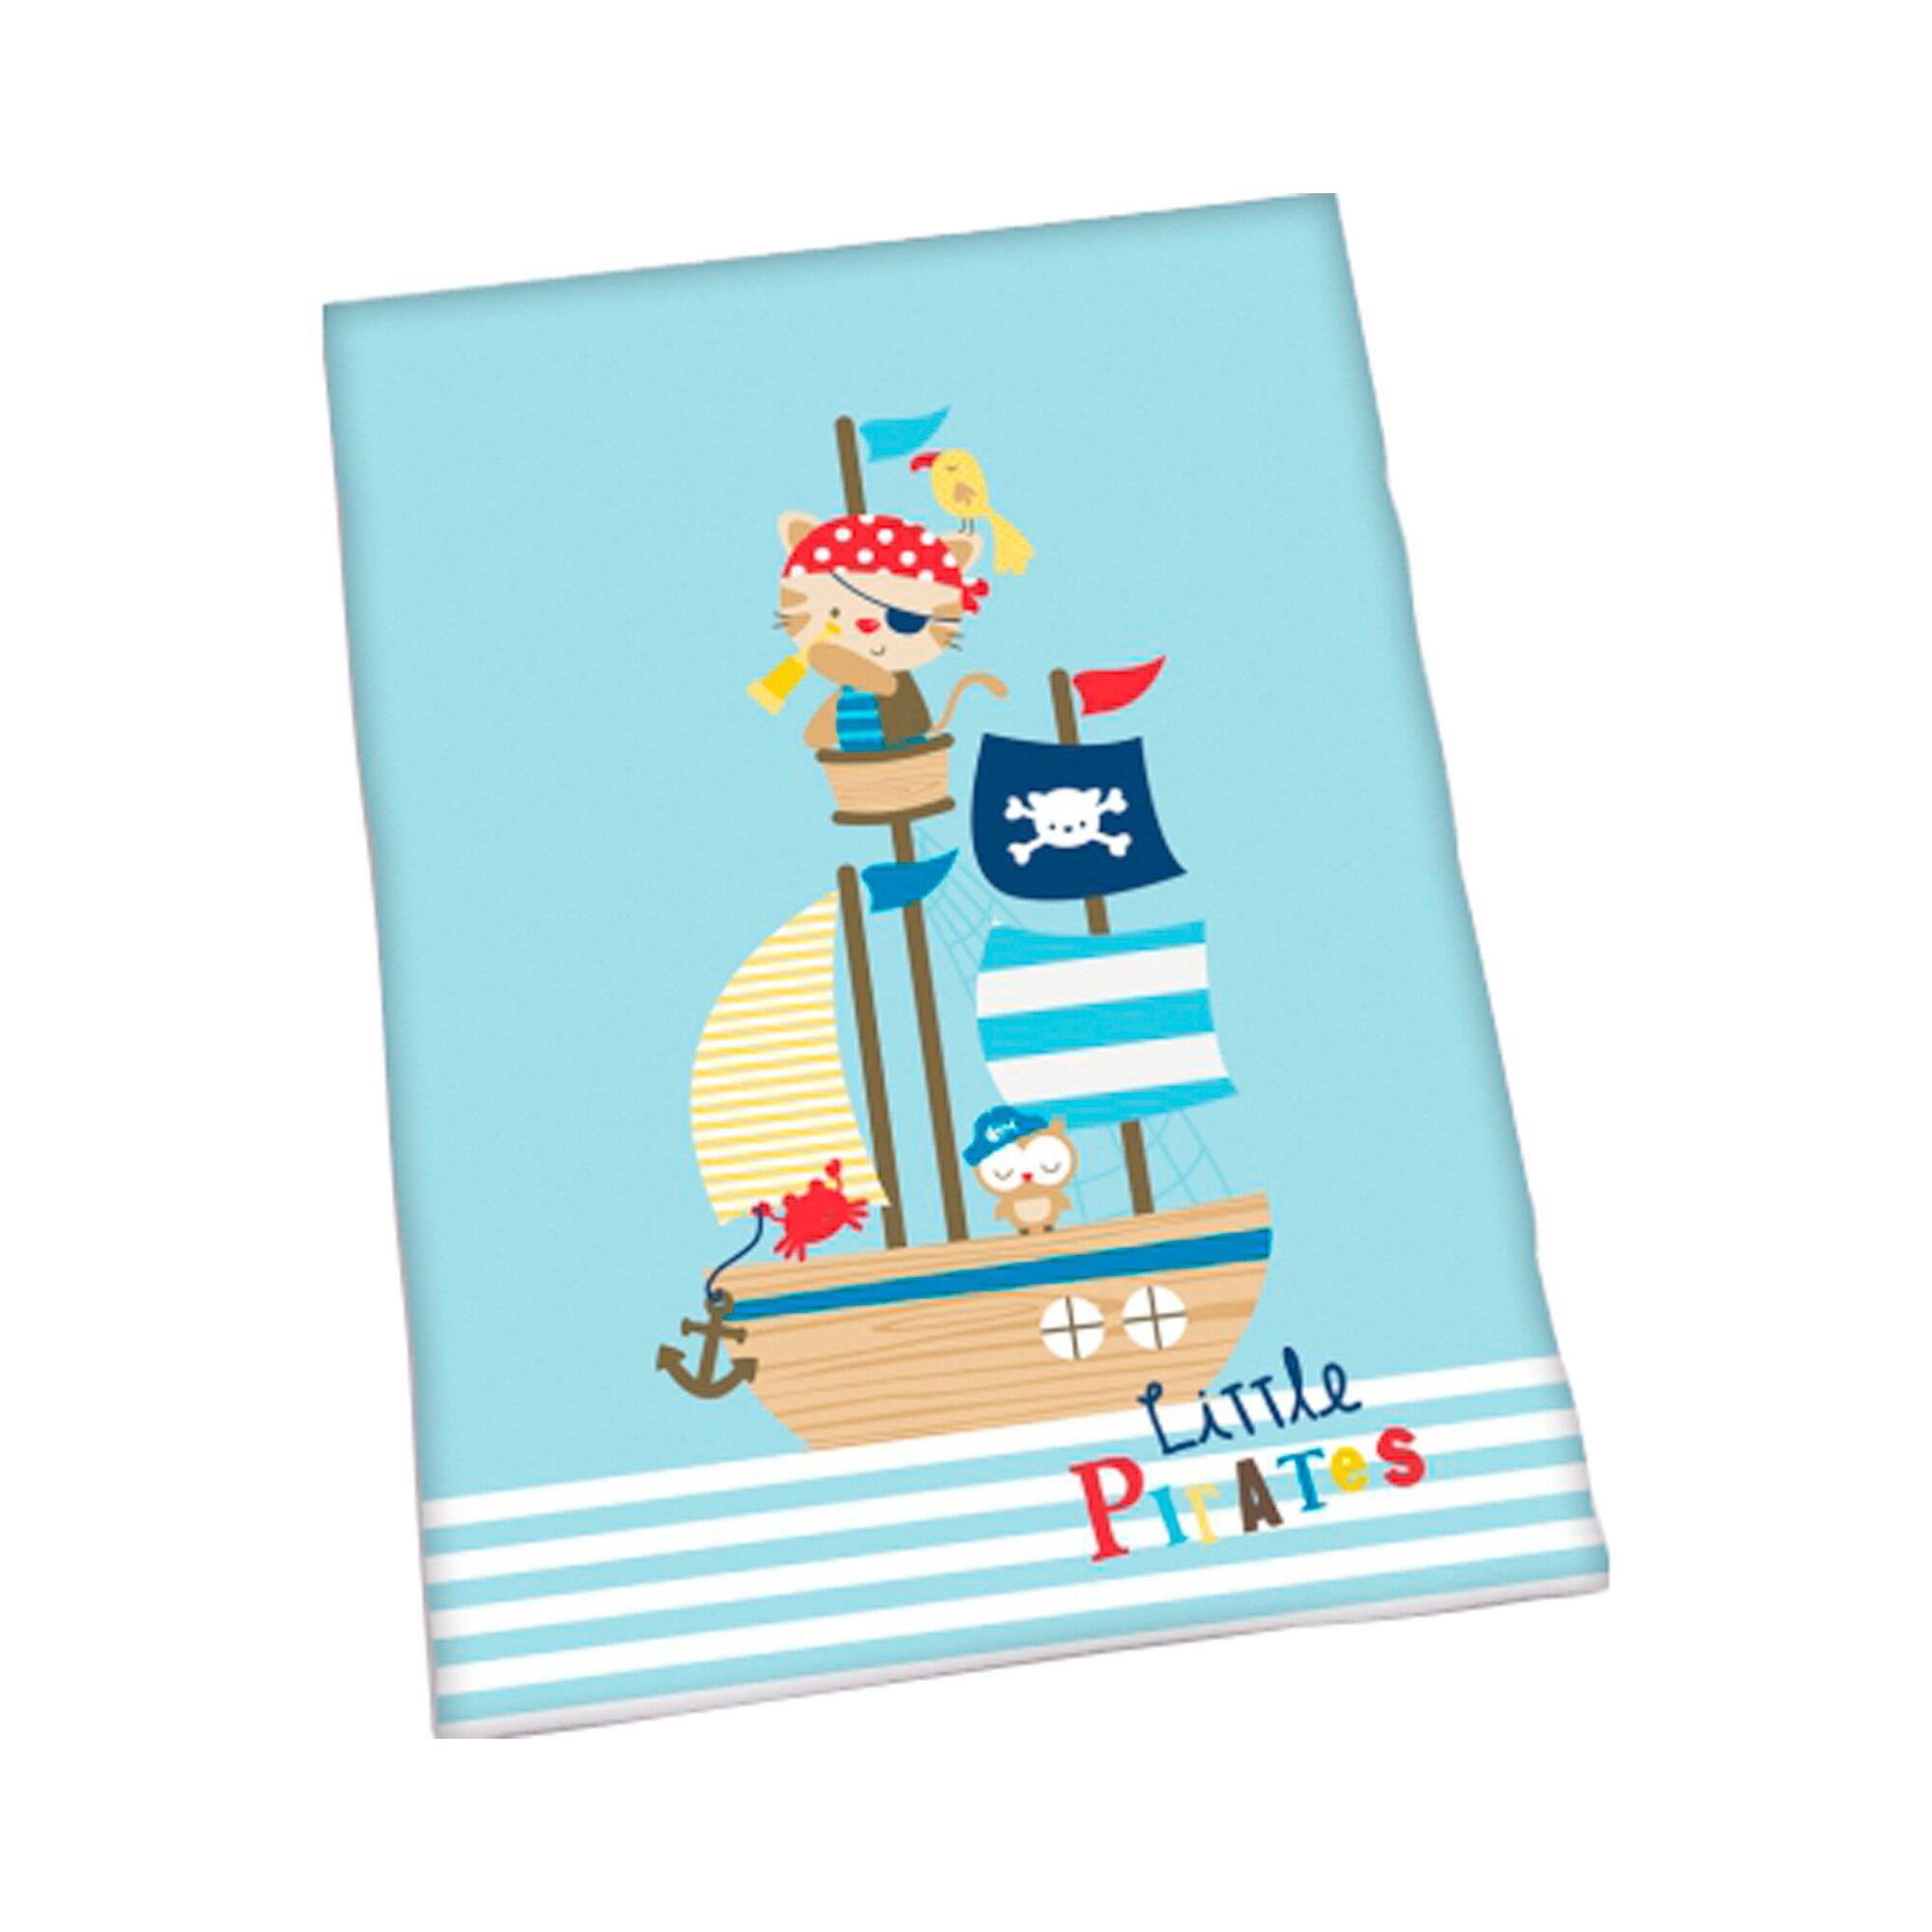 herding-linon-bettwasche-little-pirates-40x60-100x135-cm-blau